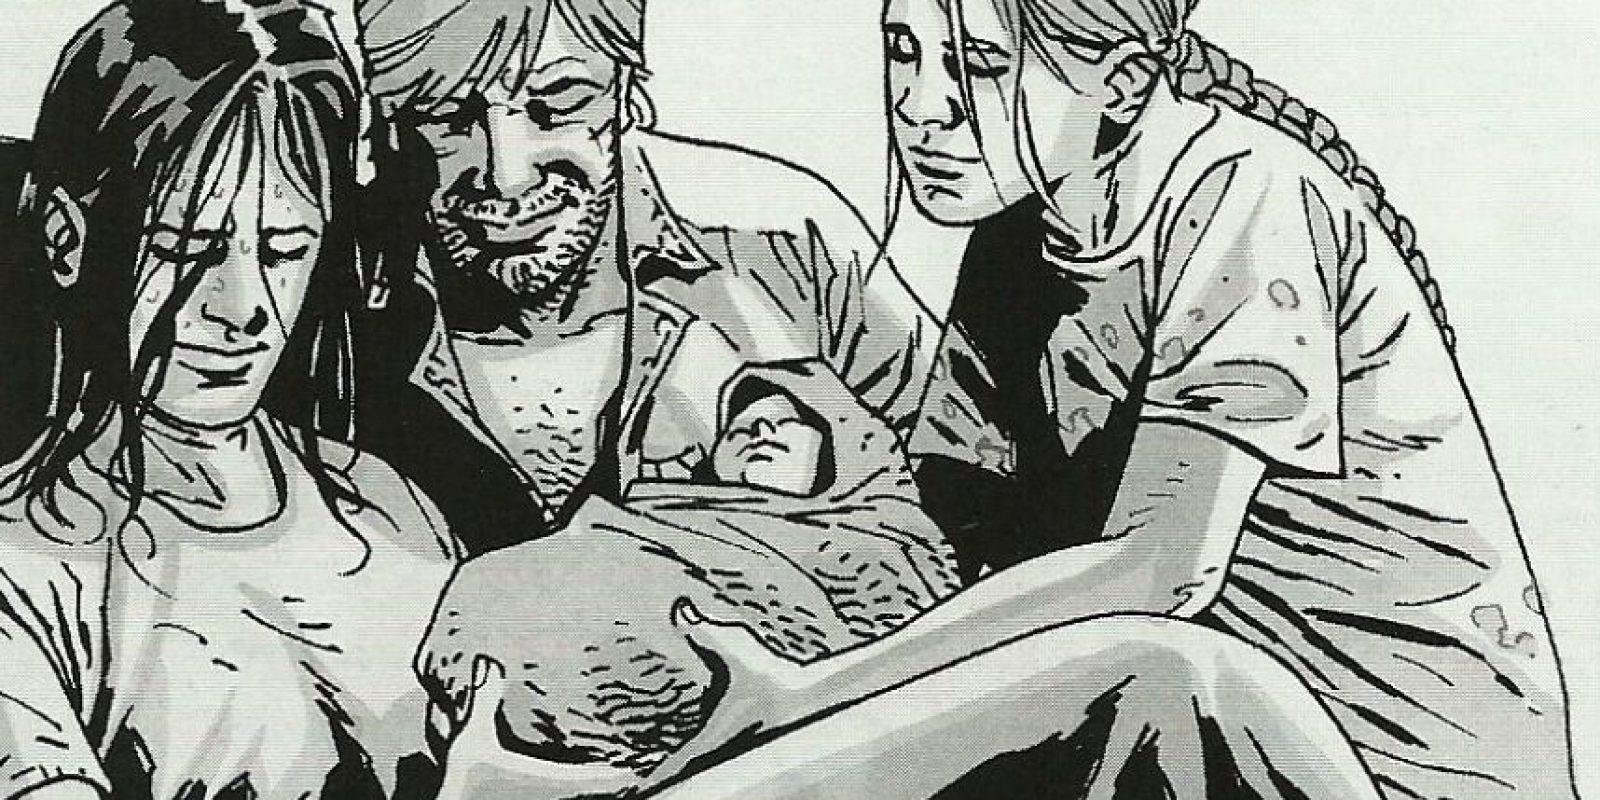 En la serie, Lori muere mientras da a luz a su hija, pero en el cómic, ambas mueren por un ataque del Gobernador a la prisión. Foto:thewalkingdead.com